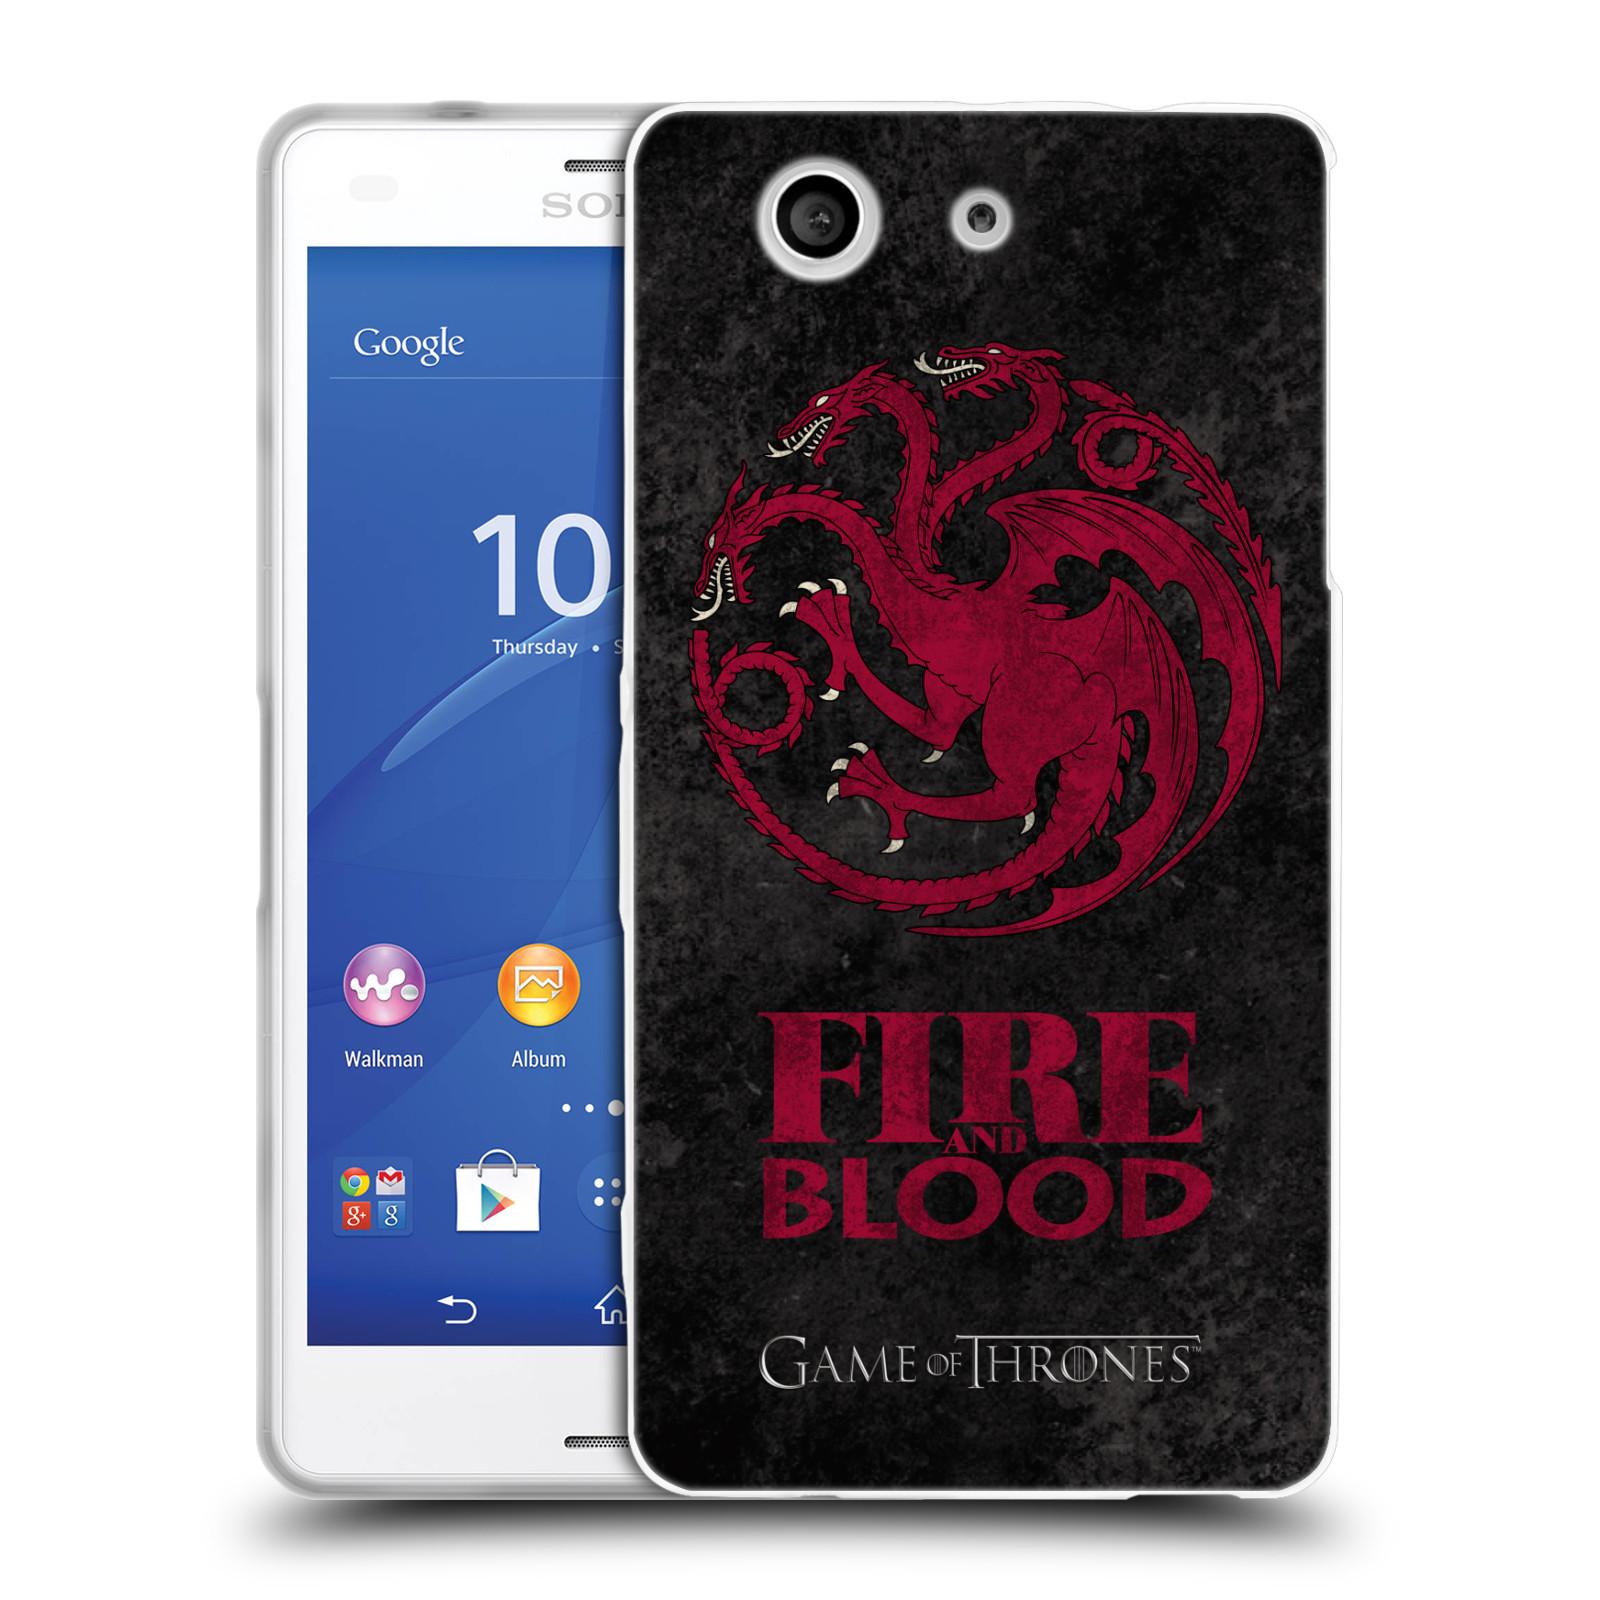 Silikonové pouzdro na mobil Sony Xperia Z3 Compact D5803 HEAD CASE Hra o trůny - Sigils Targaryen - Fire and Blood (Silikonový kryt či obal na mobilní telefon s licencovaným motivem Hra o trůny - Game Of Thrones pro Sony Xperia Z3 Compact)